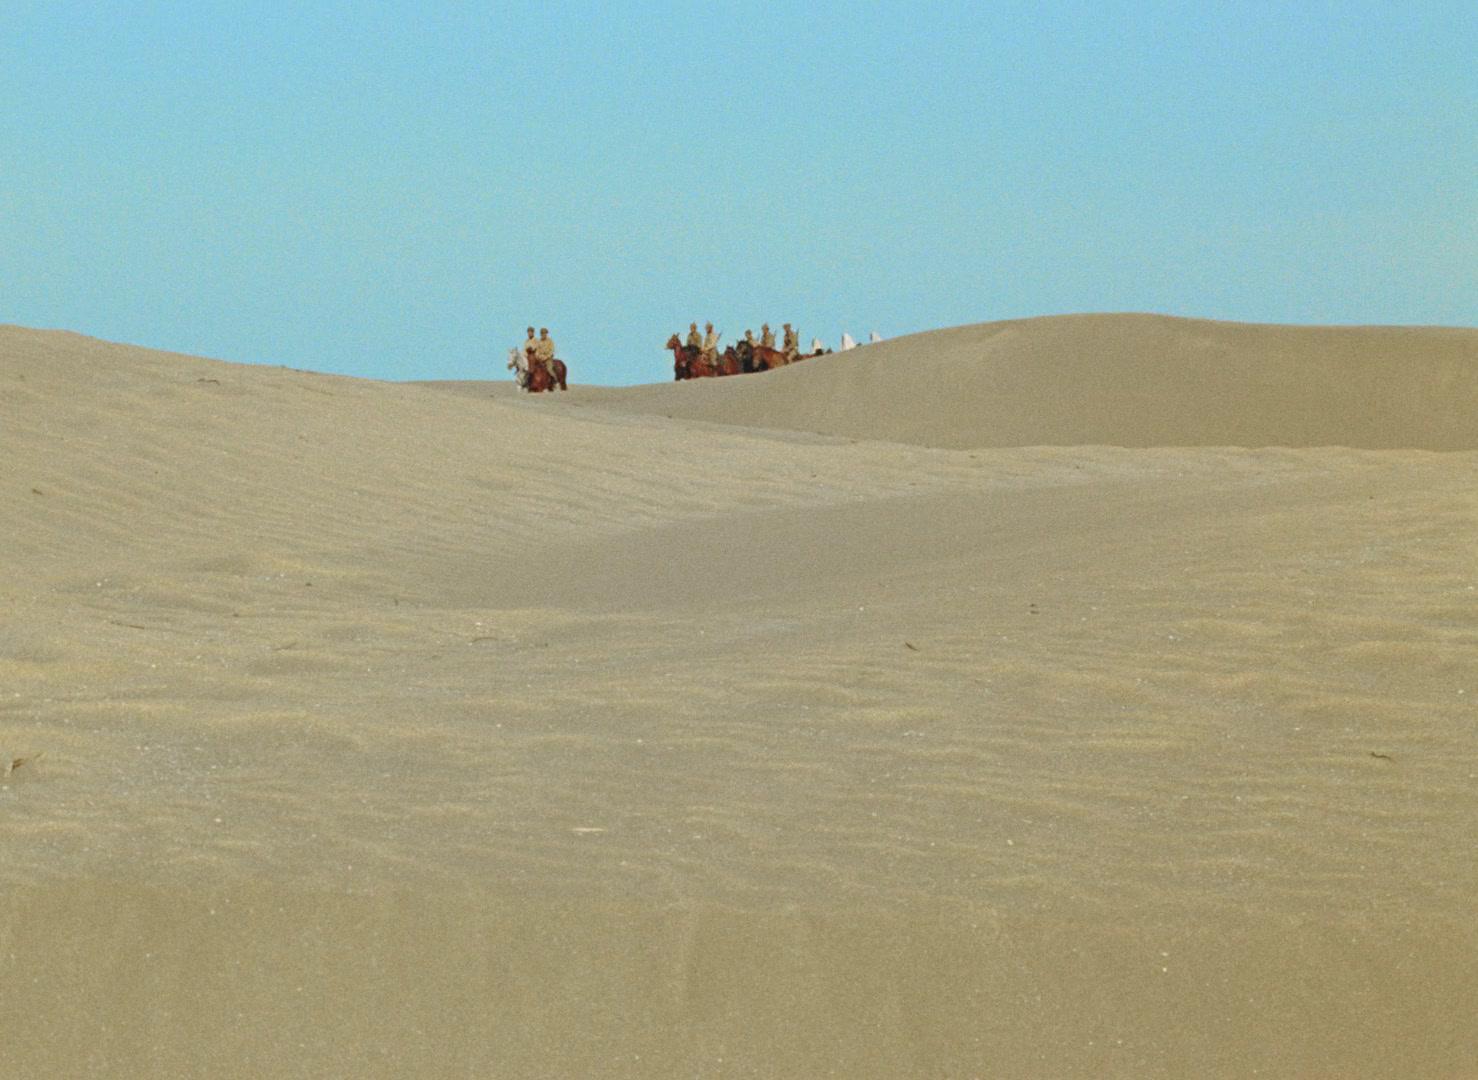 White.Sun.Of.The.Desert.1969.1080p.Blu-Ray.FLAC.DTS.mkv_20140324_084943.403.jpg